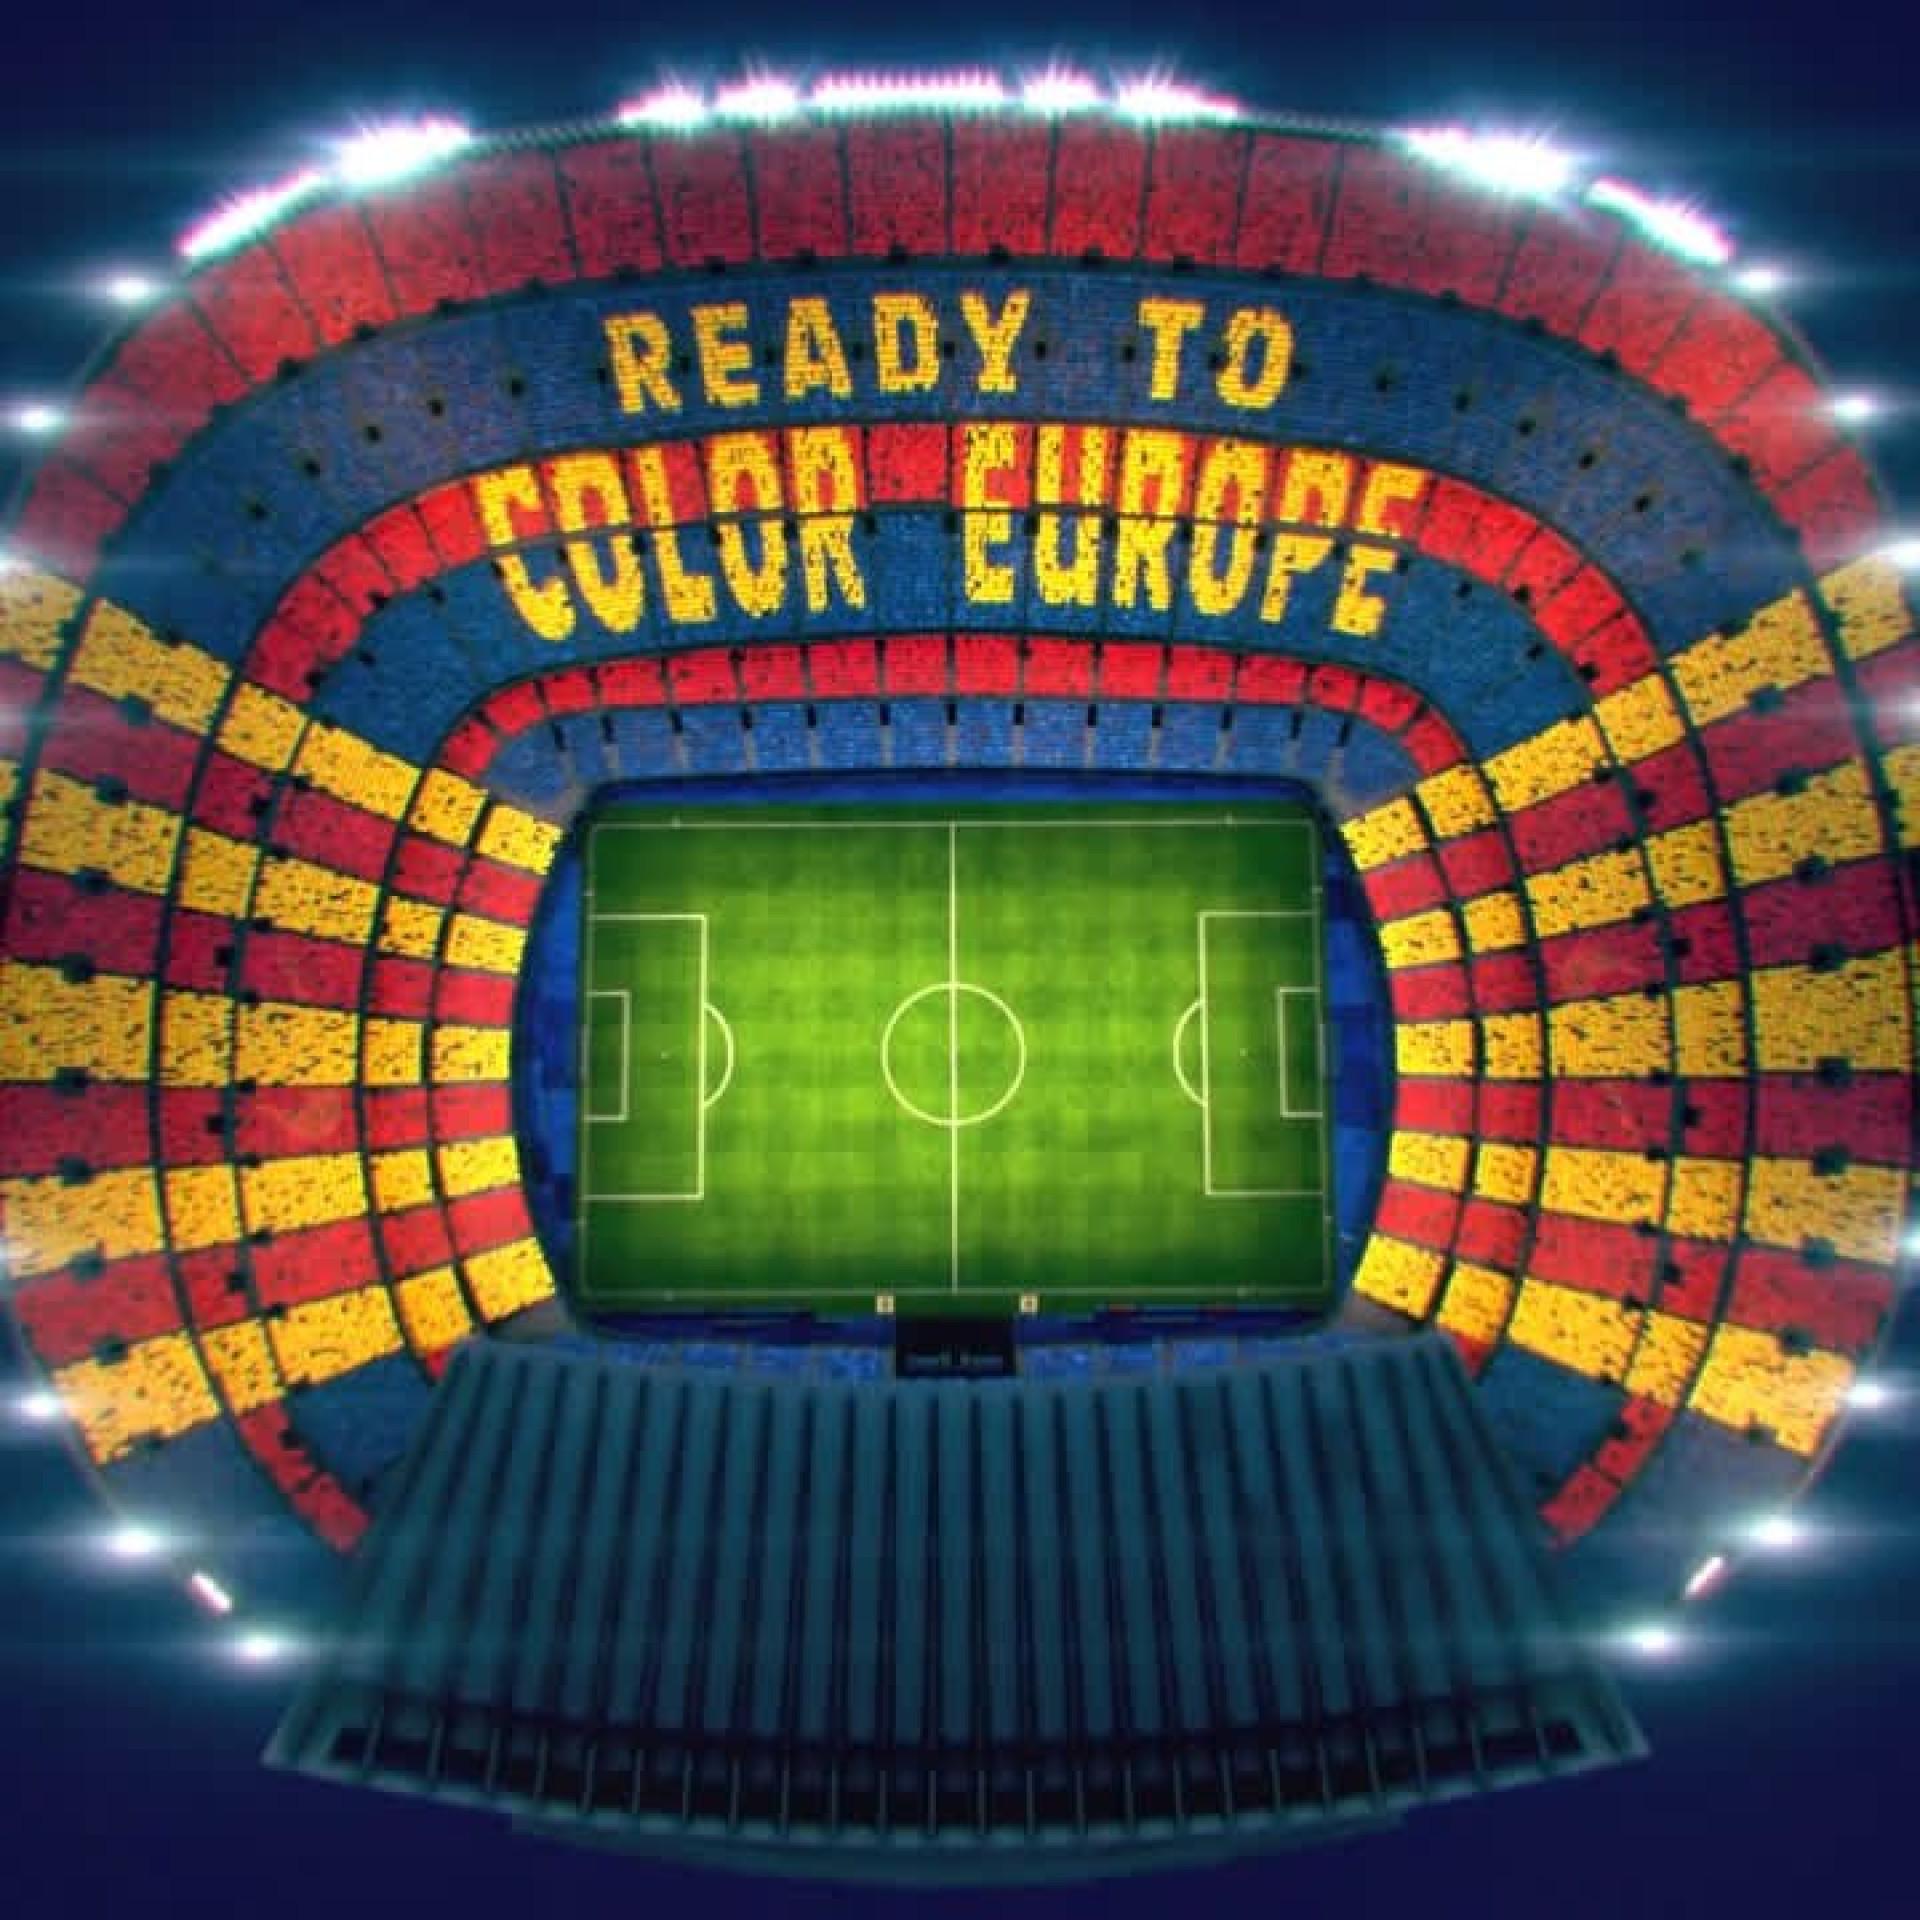 Barcelona mostra mosaico que irá apresentar na receção ao Liverpool